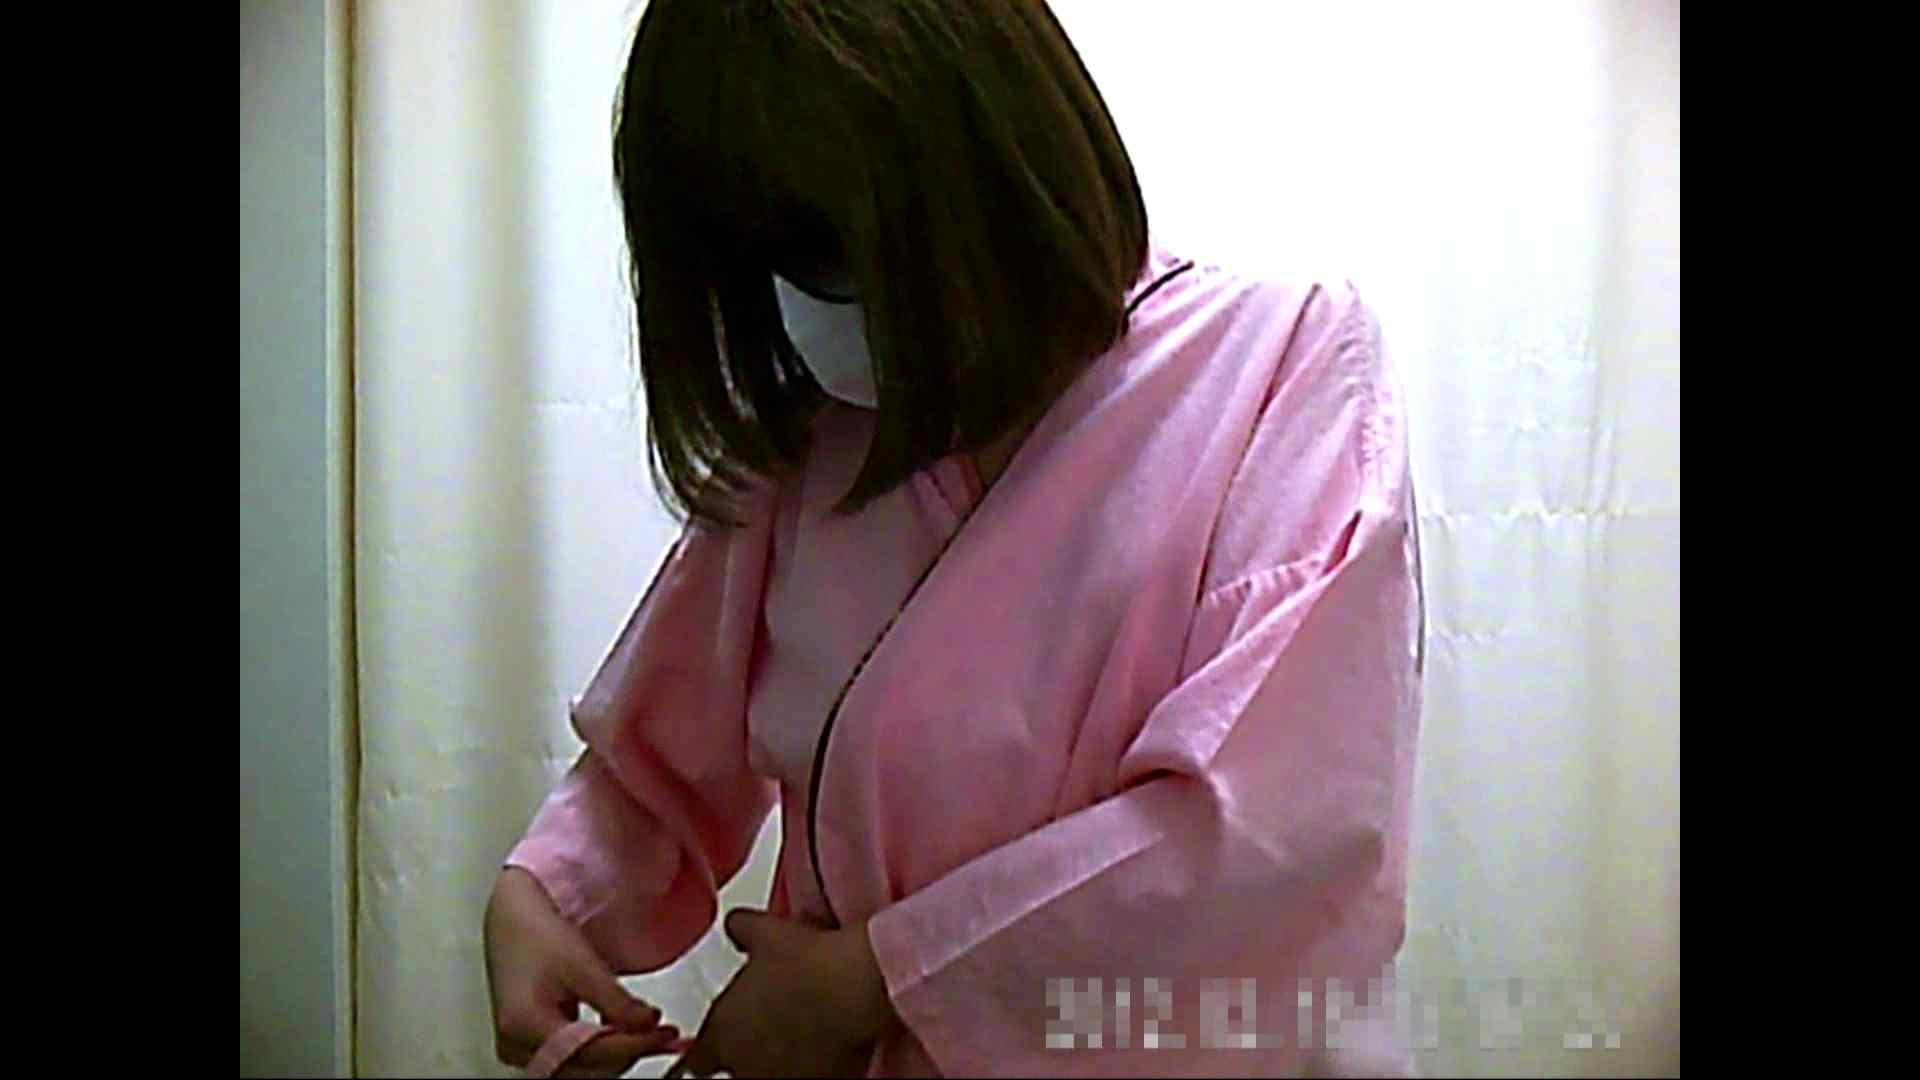 元医者による反抗 更衣室地獄絵巻 vol.037 OLの実態  42pic 14